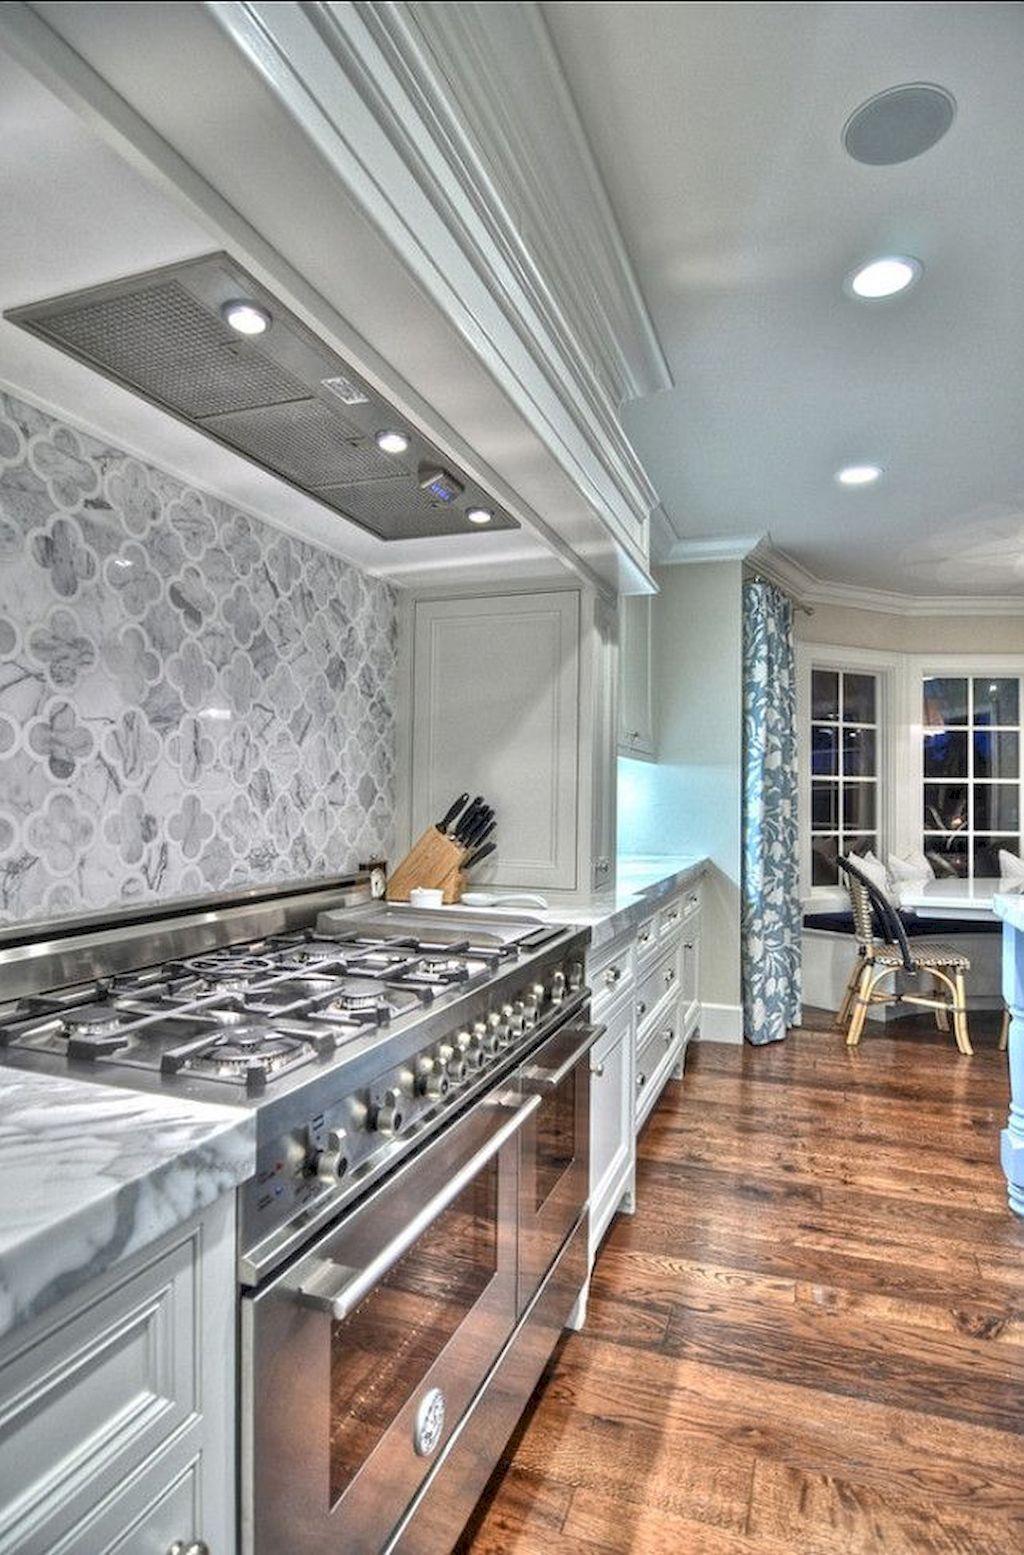 Stunning Kitchen Backsplash Ideas KITCHEN DESIGN